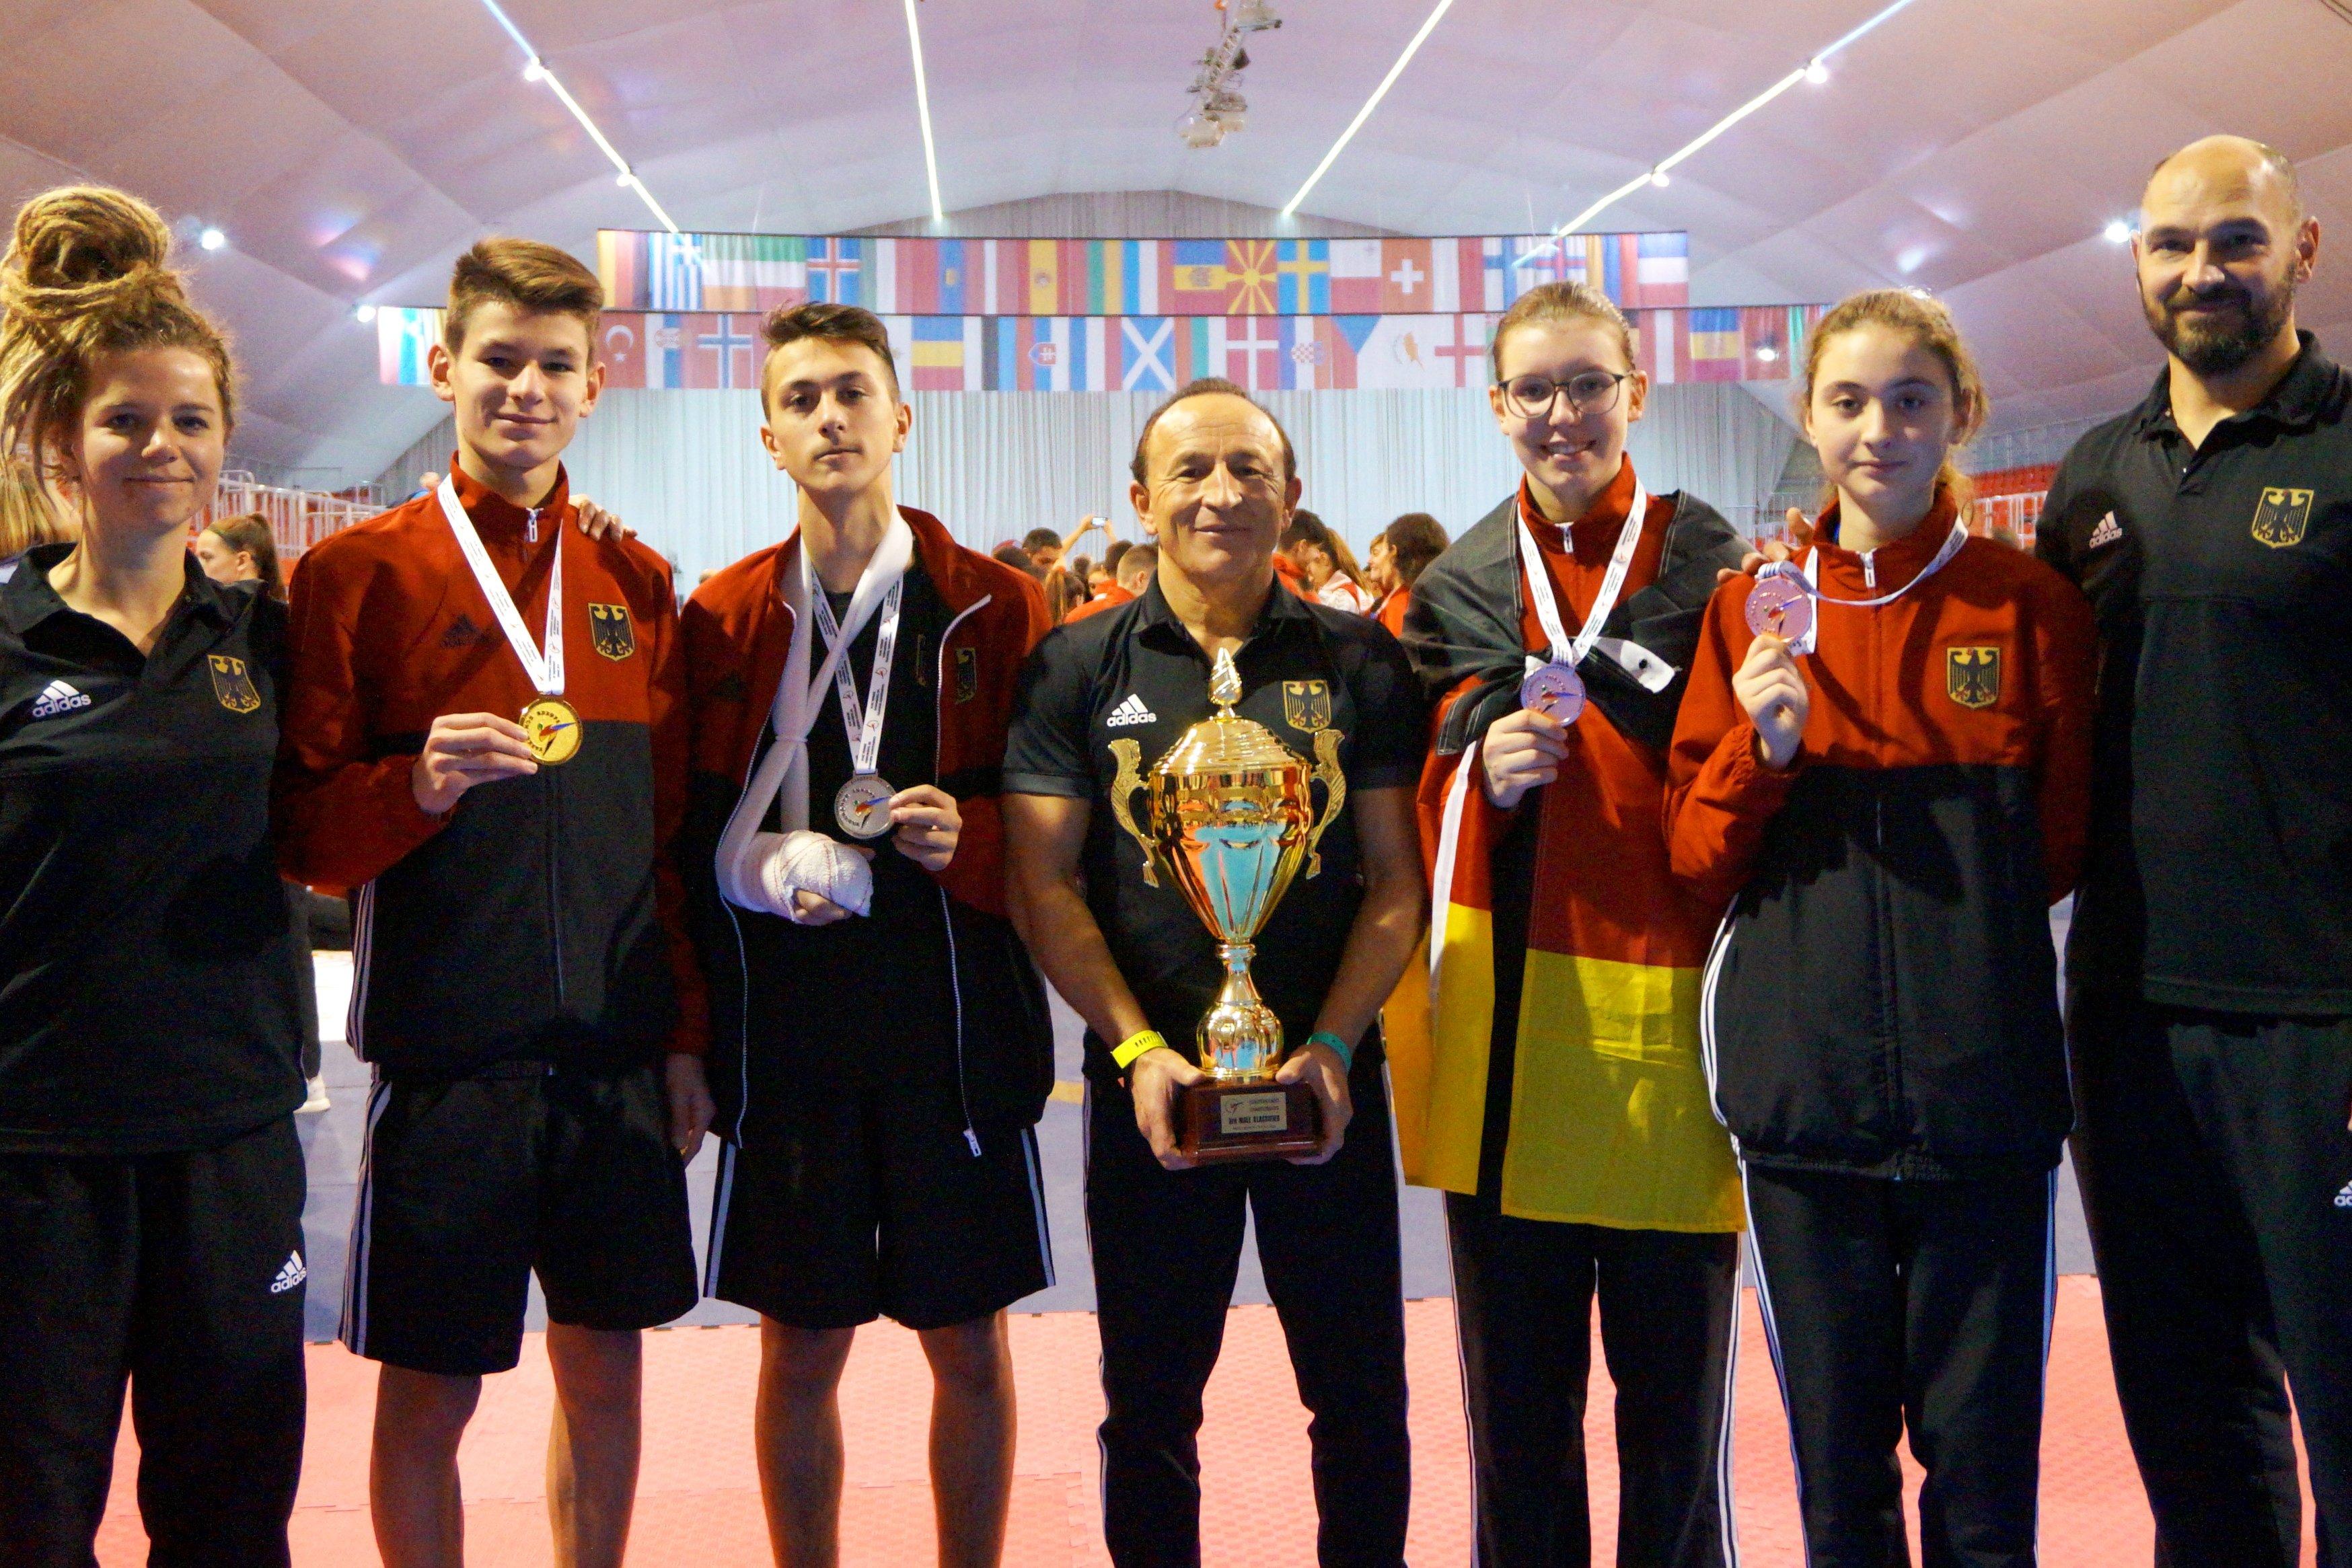 Phillip Davids, Emre Tepe, Esmeralda Husovic und Beyza Can mit ihren Medaillen bei der Kadetten-EM 2018